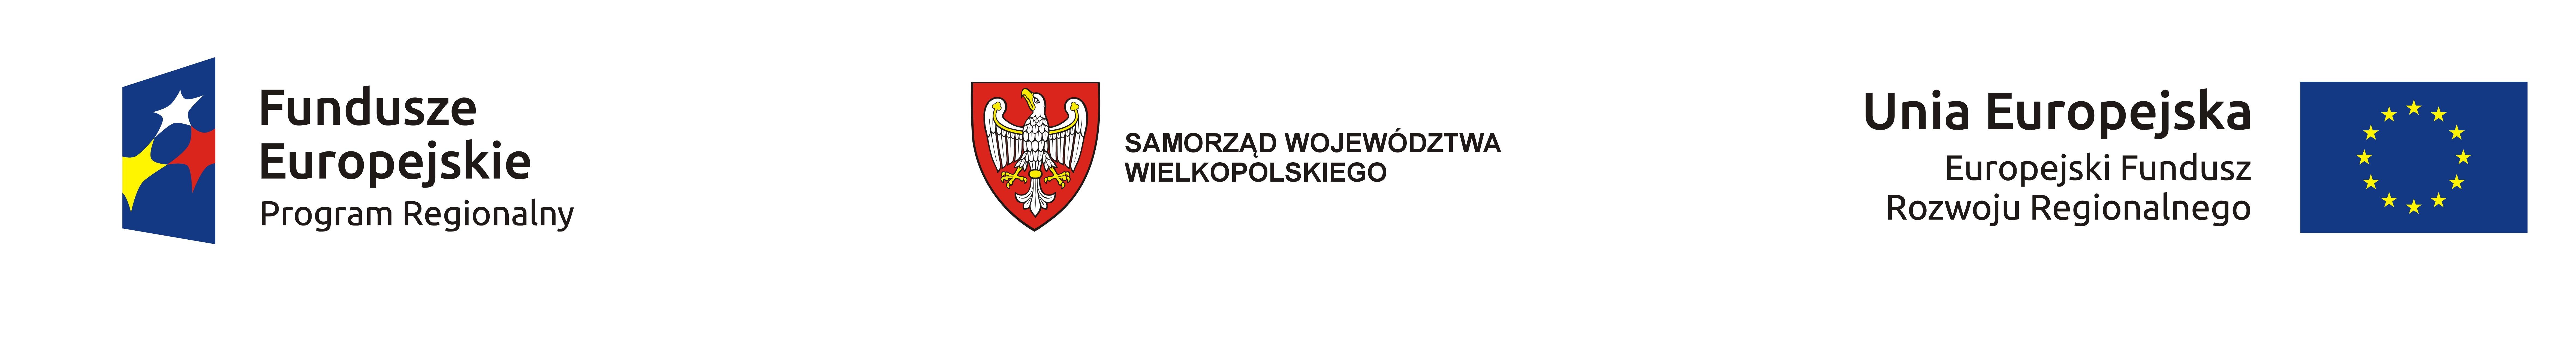 efrr_samorzad_kolorjpg